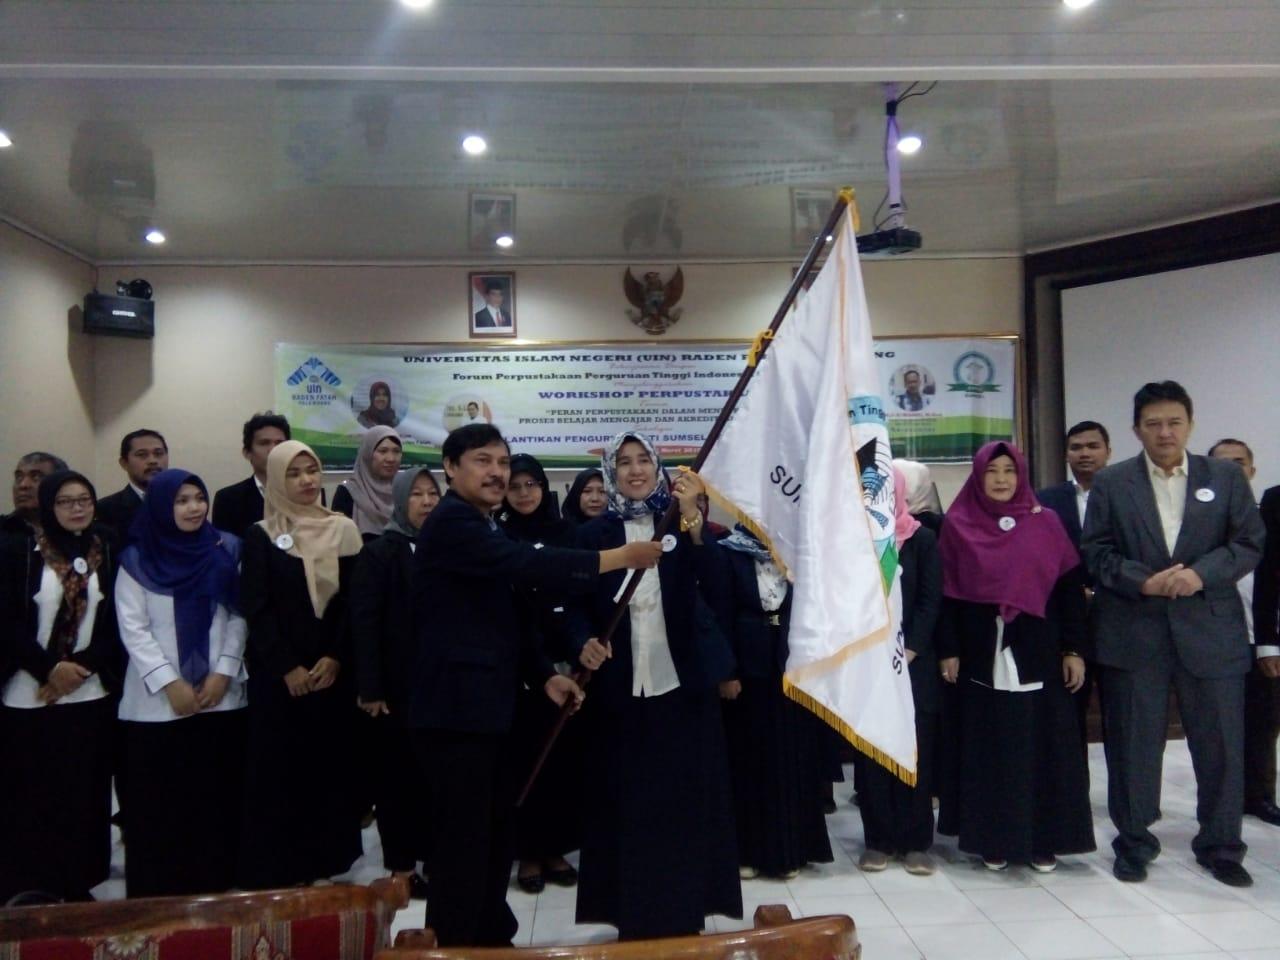 Pelantikan FPPTI Wilayah Sumatera Selatan dan Workshop Perpustakaan